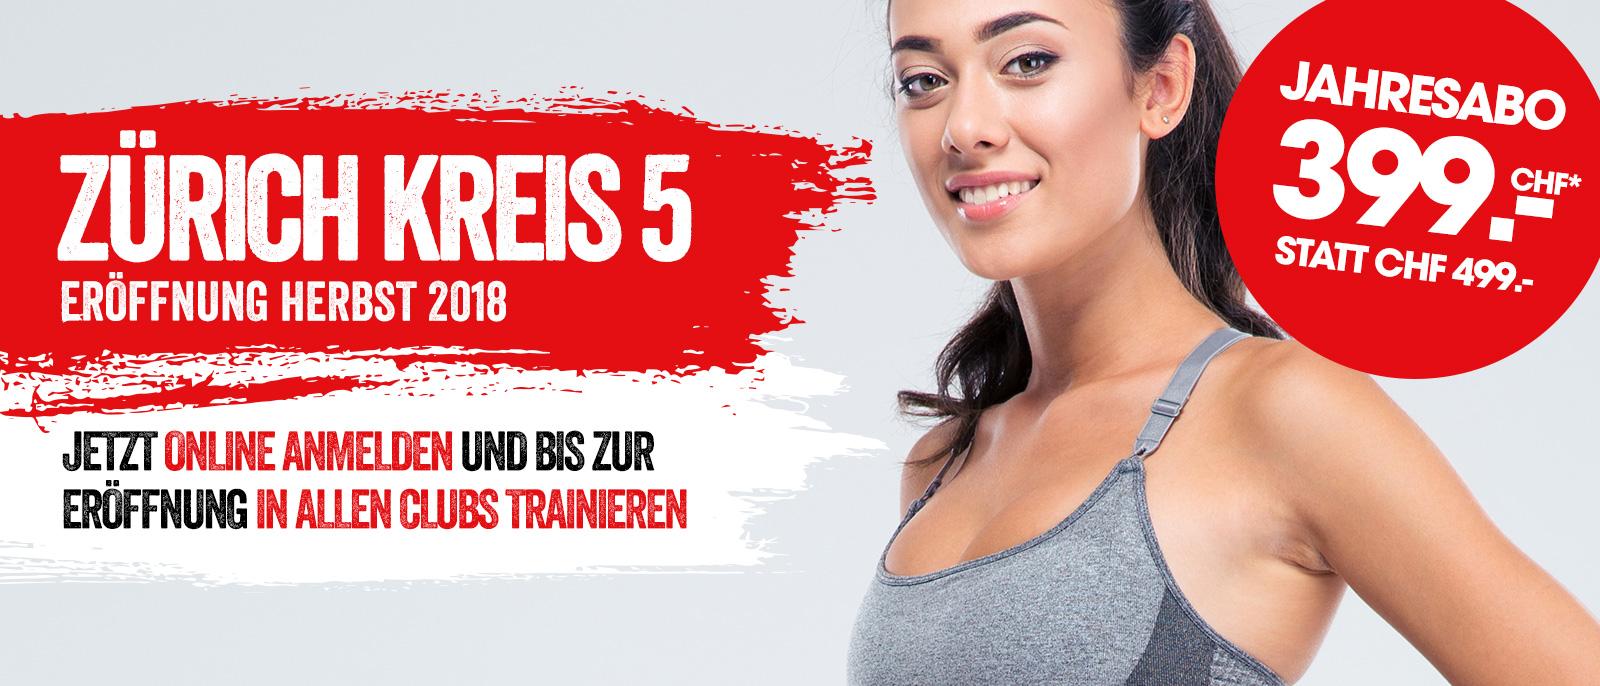 Neueröffnung Zürich Kreis 5